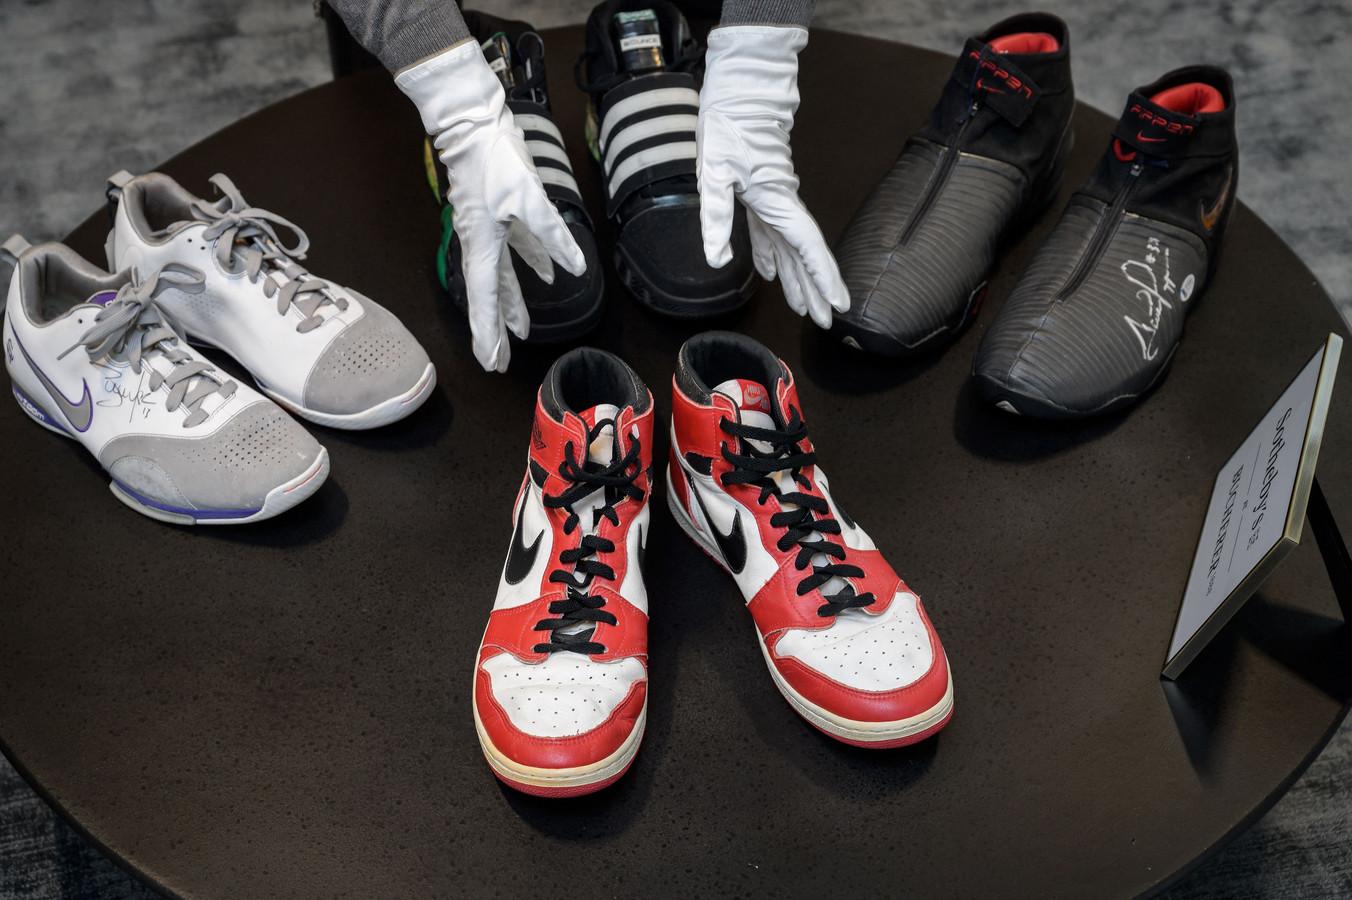 Een Amsterdammer wilde geen 800 euro betalen voor een paar sneakers en rende er mee weg.  Duur? Het kan altijd duurder, in Zwitserland worden dit weekeinde  de stappers van  Michael Jordan geveild. Inzet anderhalve ton.